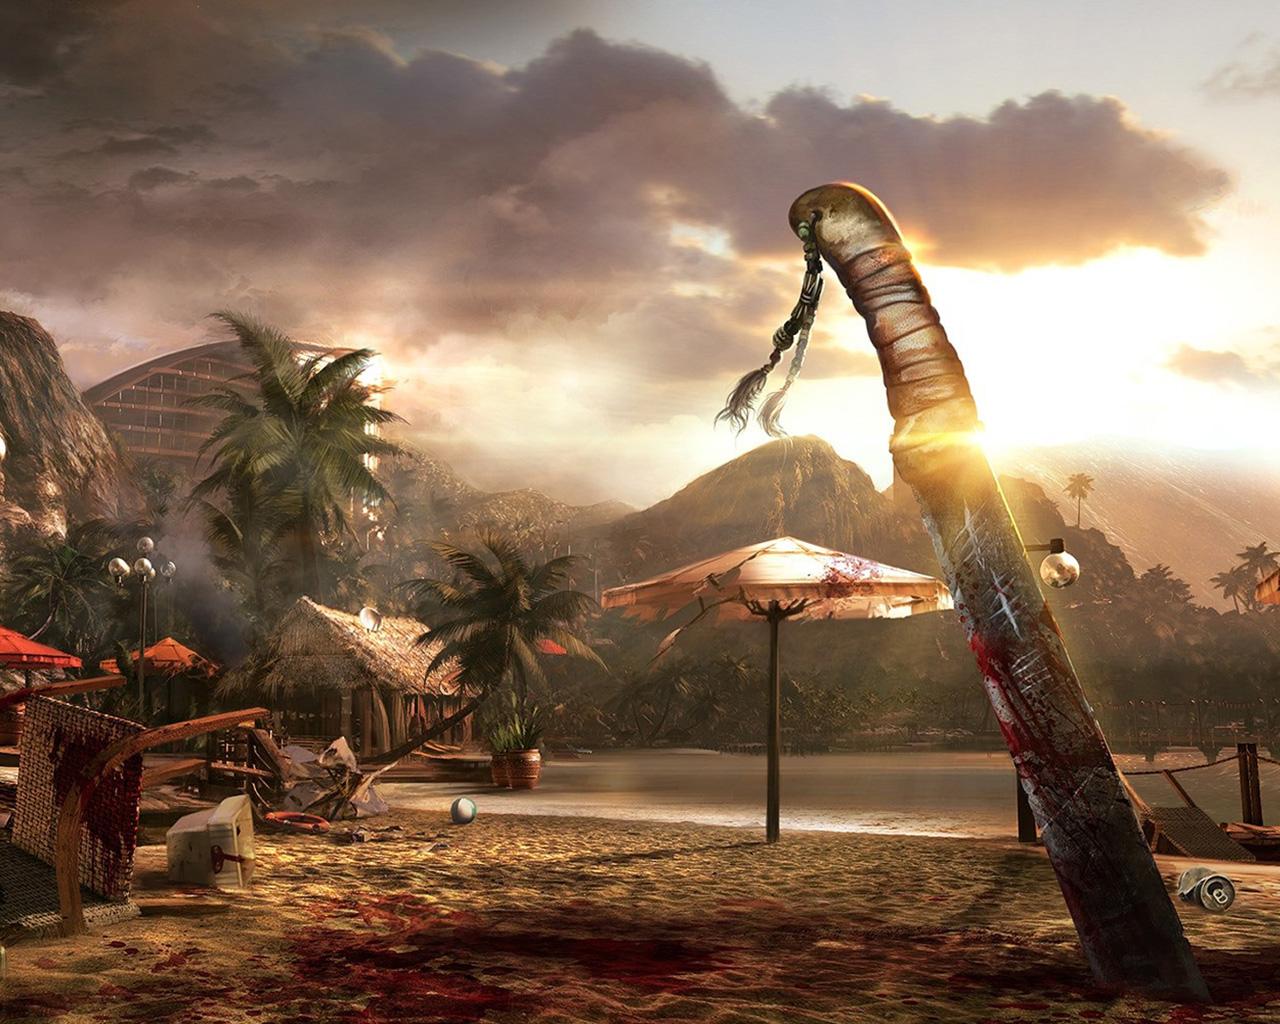 Dead Island Wallpaper in 1280x1024